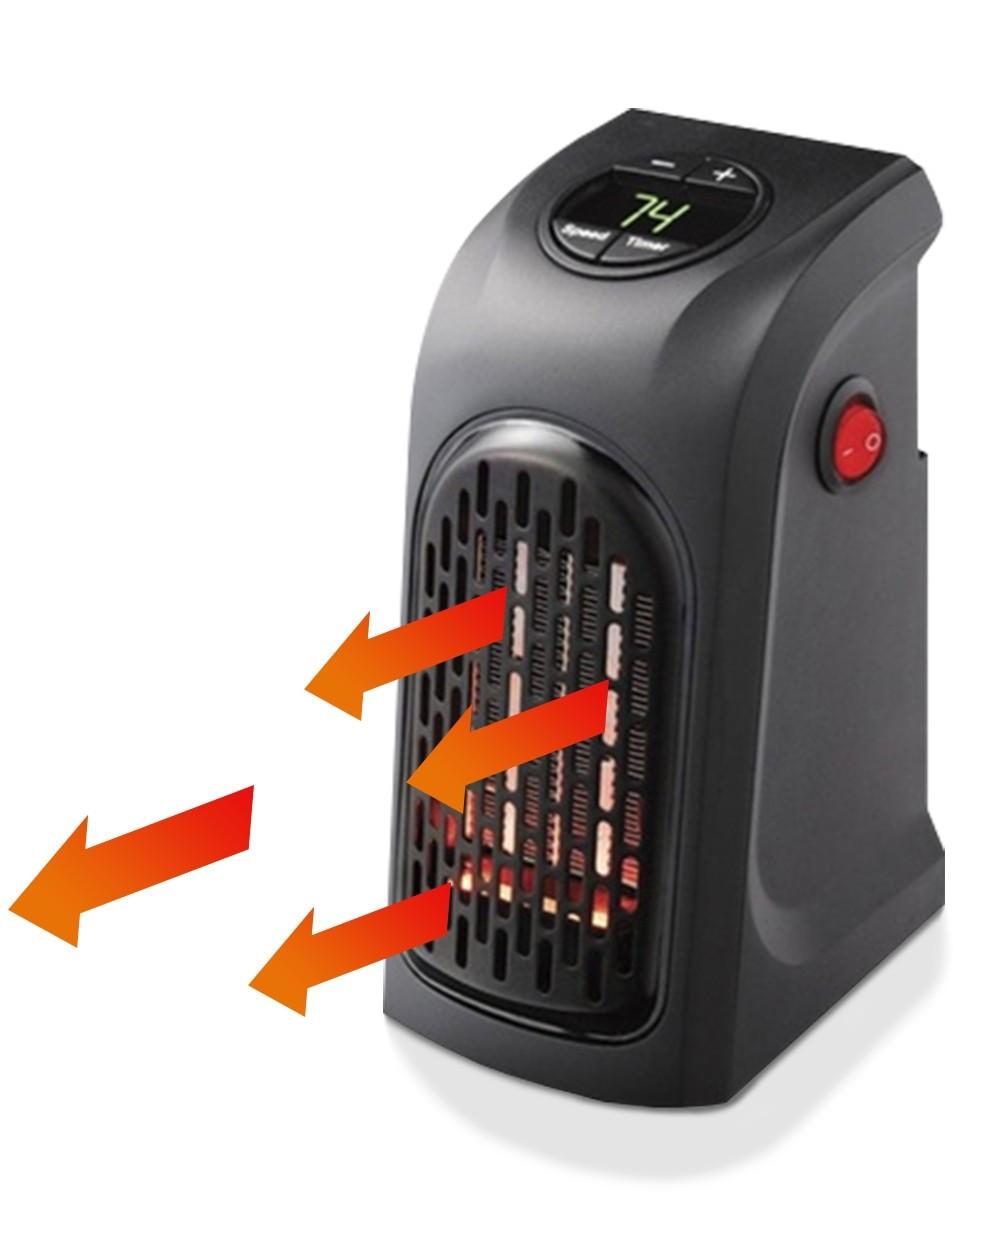 Экономный электрообогреватель для дома Handy Heater 400W | Тепловентилятор | Дуйка Хенди хитер (Реплика)